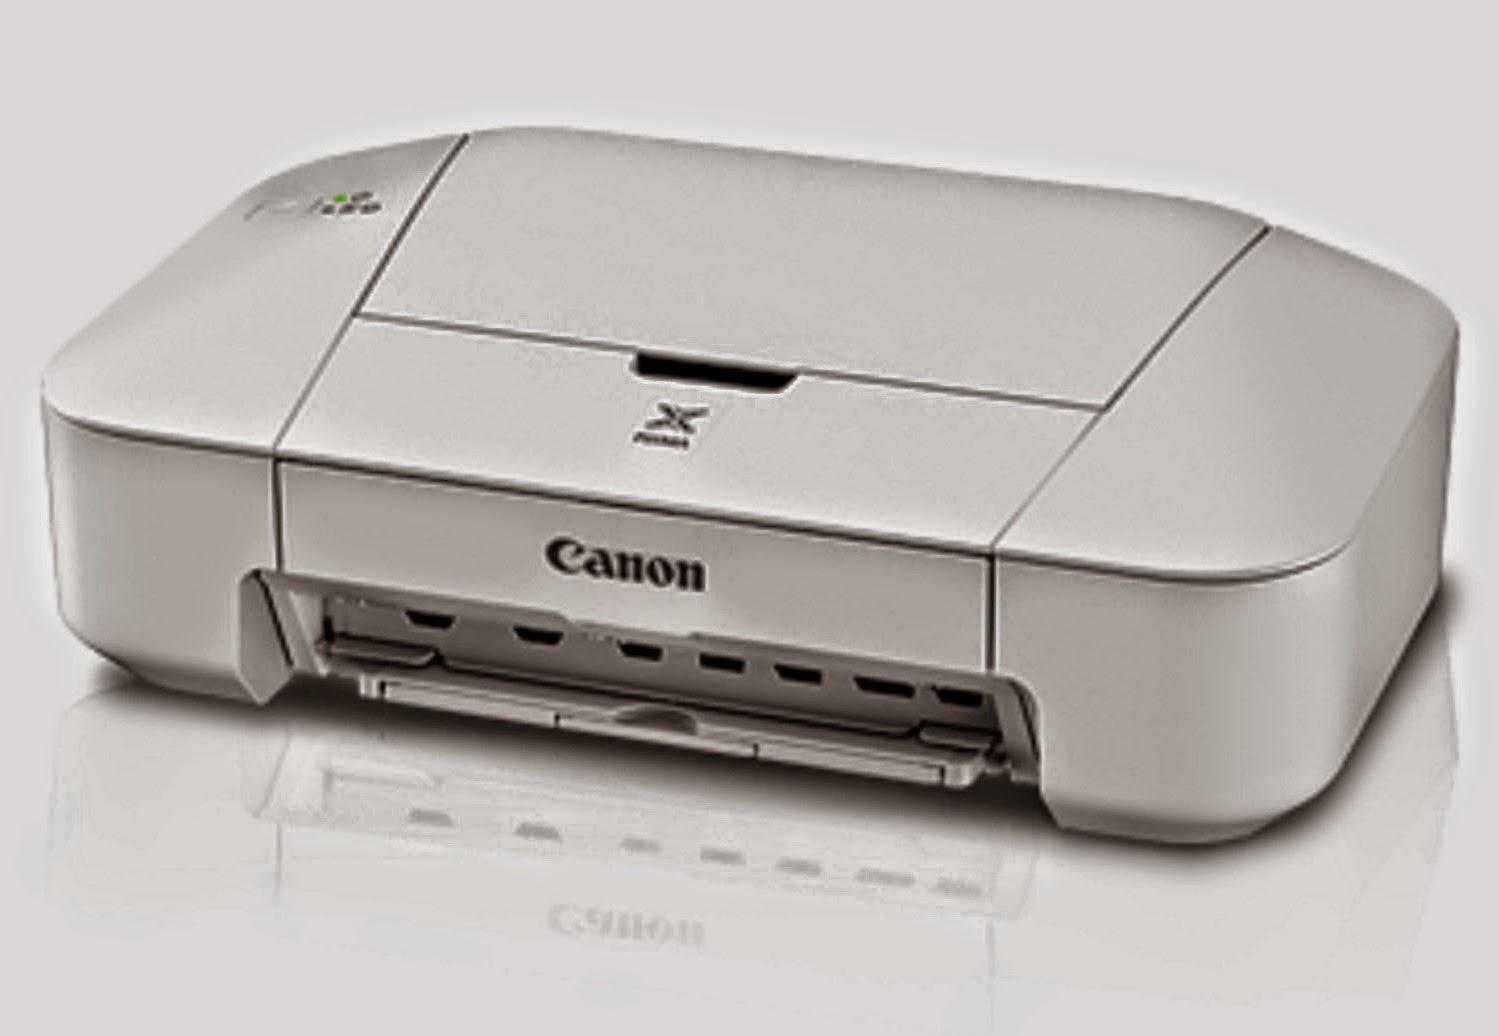 CANON PIXMA IP 2270 DRIVER WINDOWS